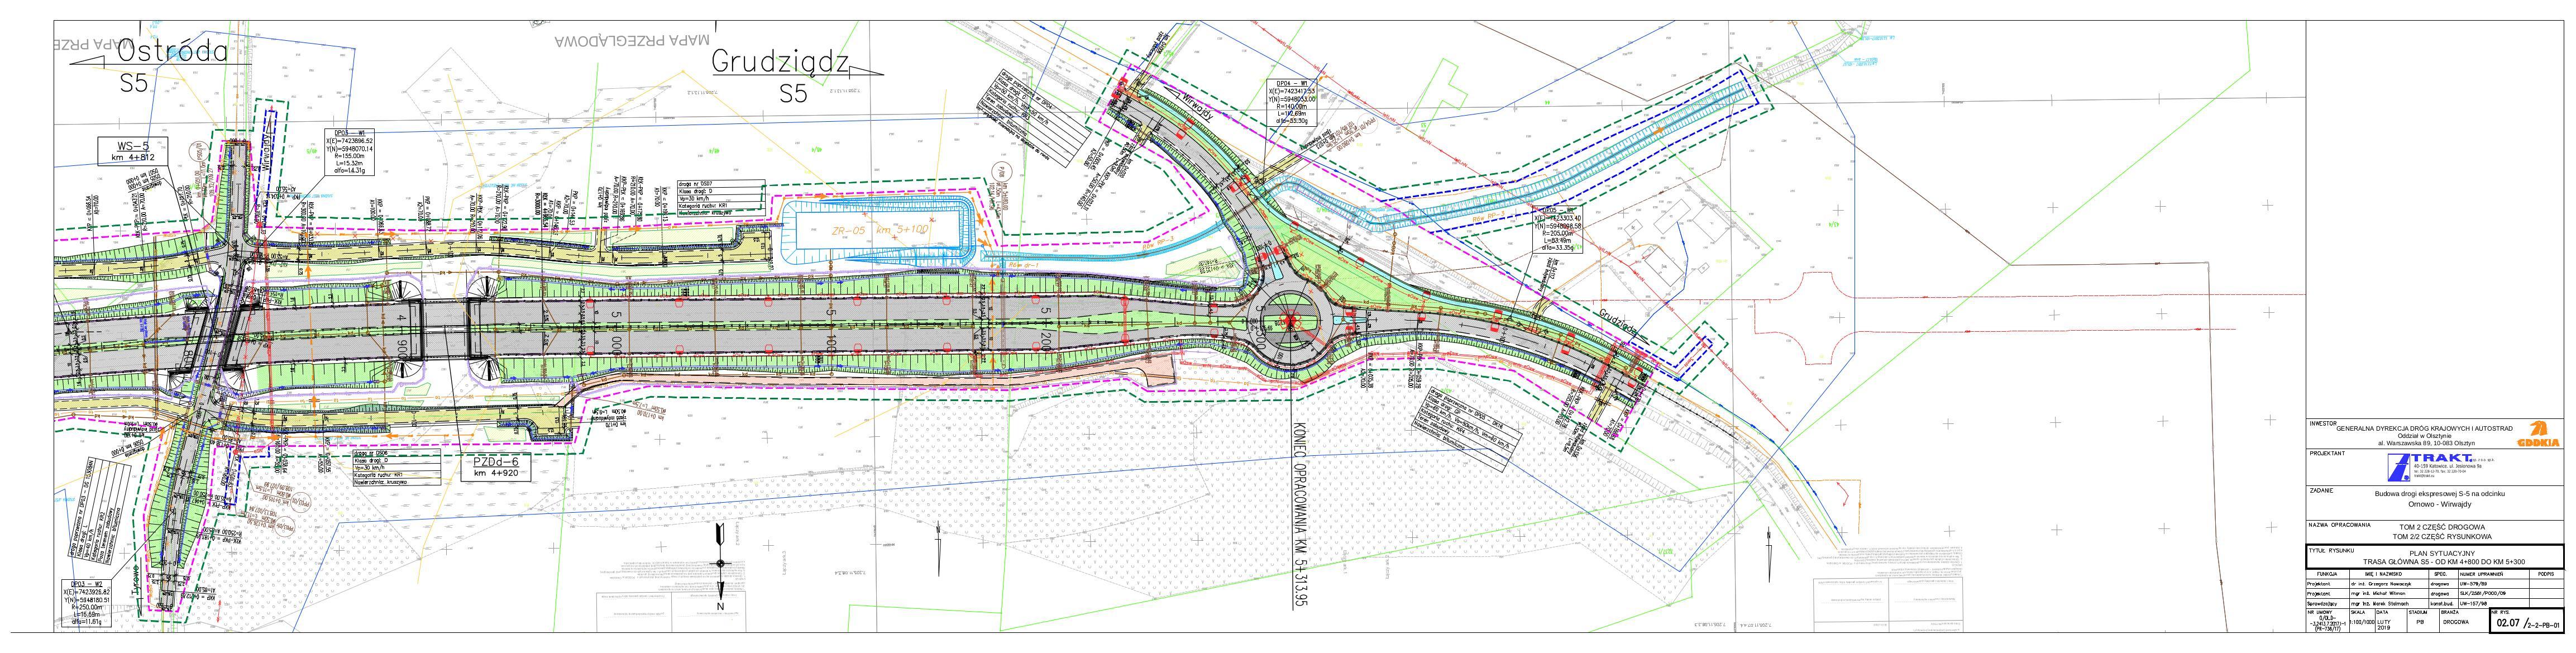 02.07 Plan sytuacyjny. Trasa główna S5 – od km 4+800 do km 5+300_20190219